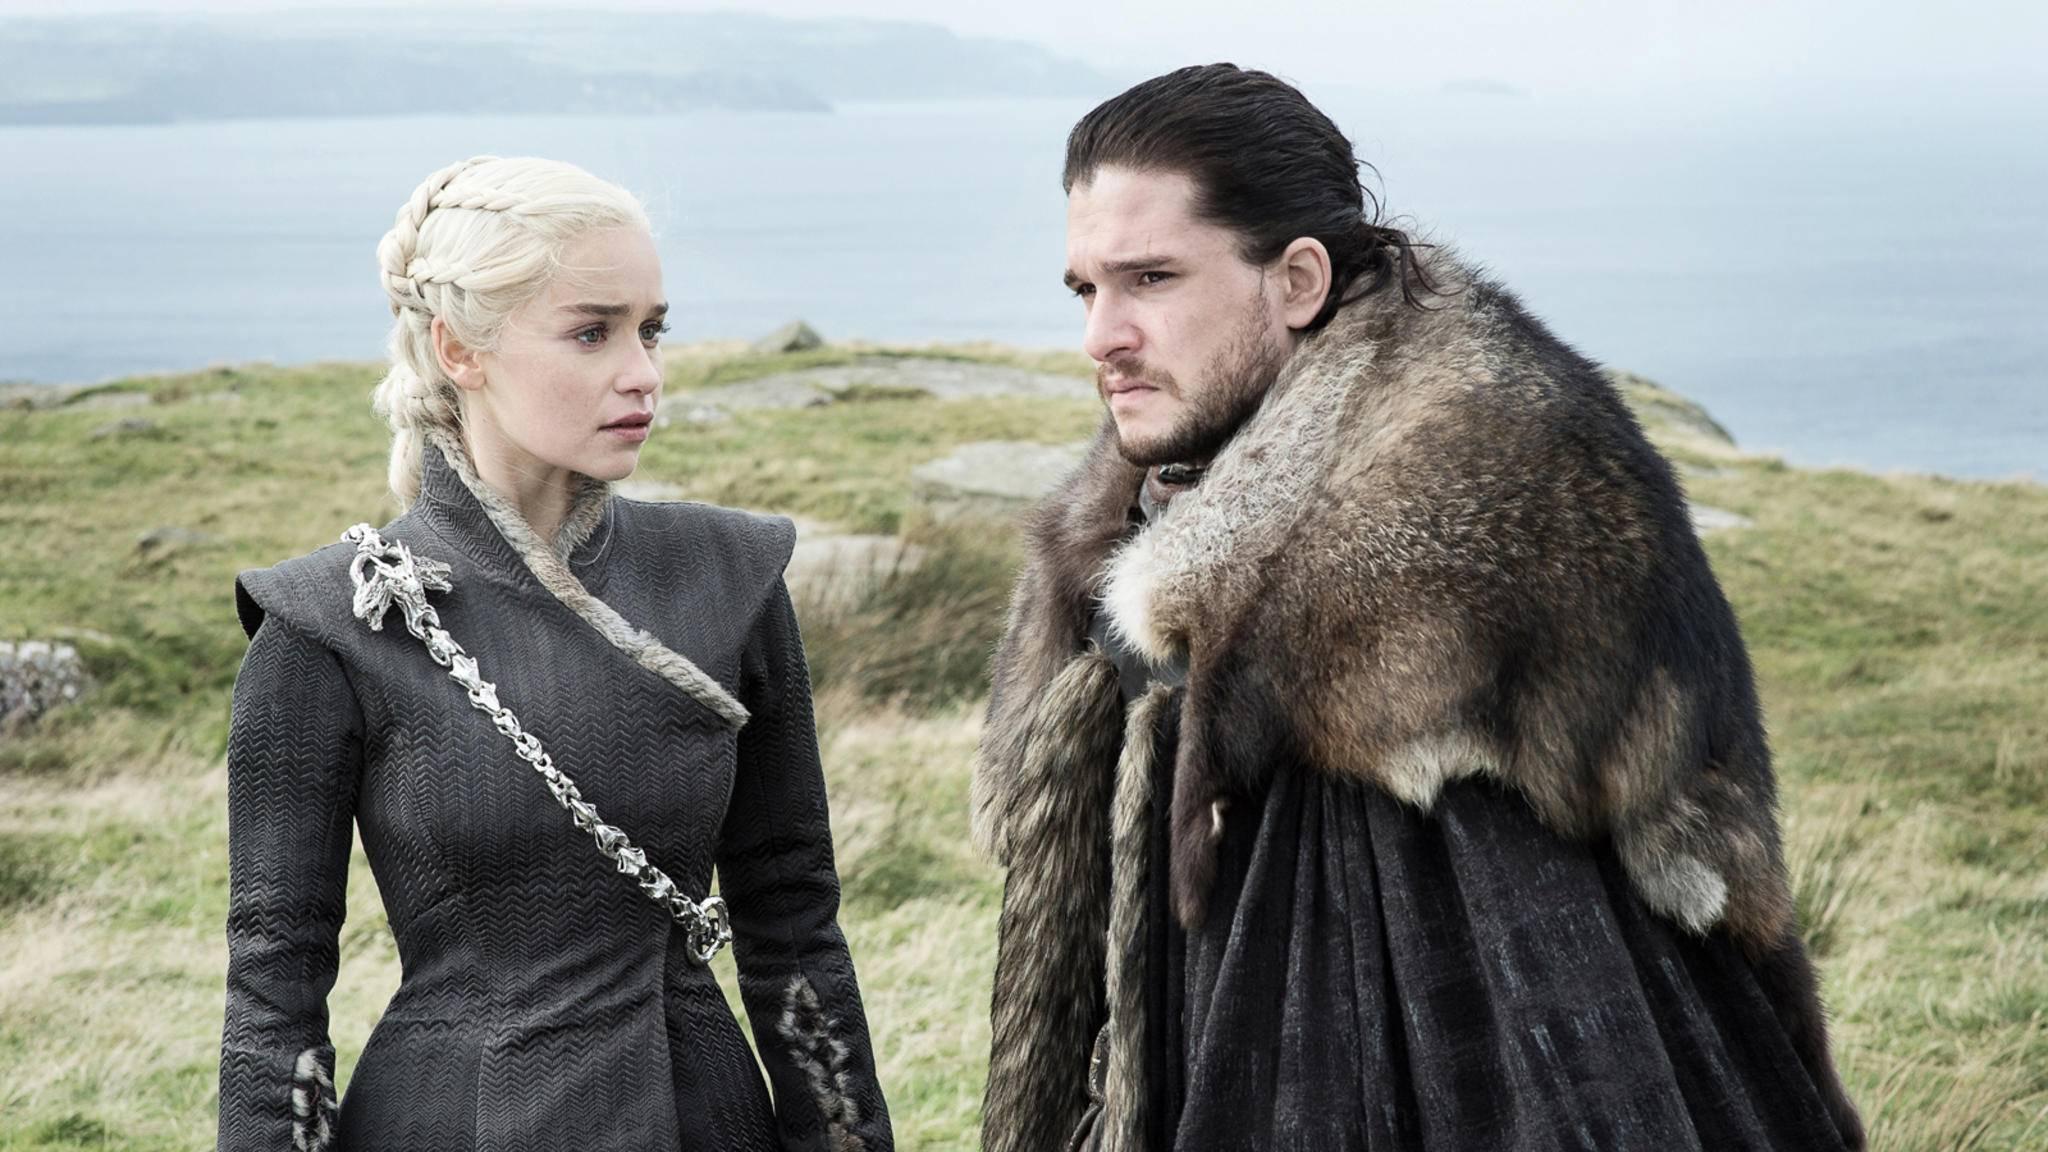 Wie geht die Reise für Daenerys Targaryen und Jon Snow in Staffel 8 weiter?